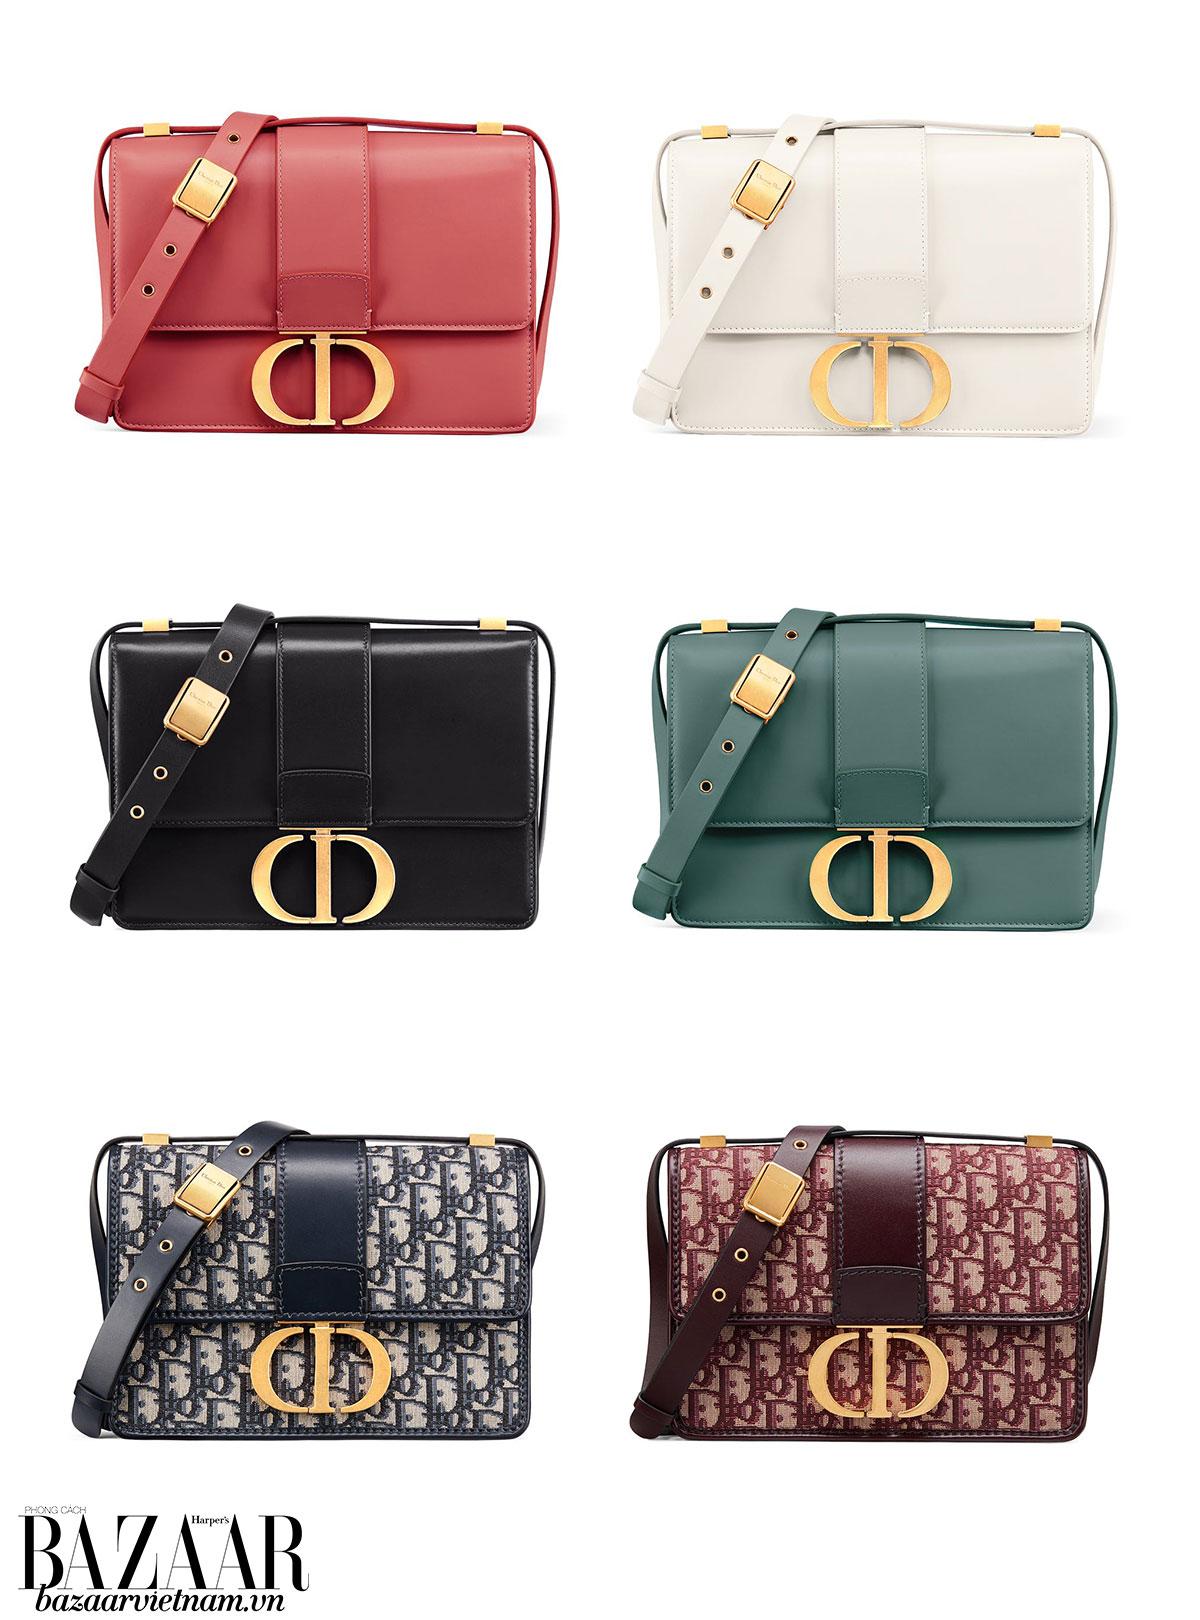 Màu sắc trang nhã của dòng túi xách Dior 30 Montaigne